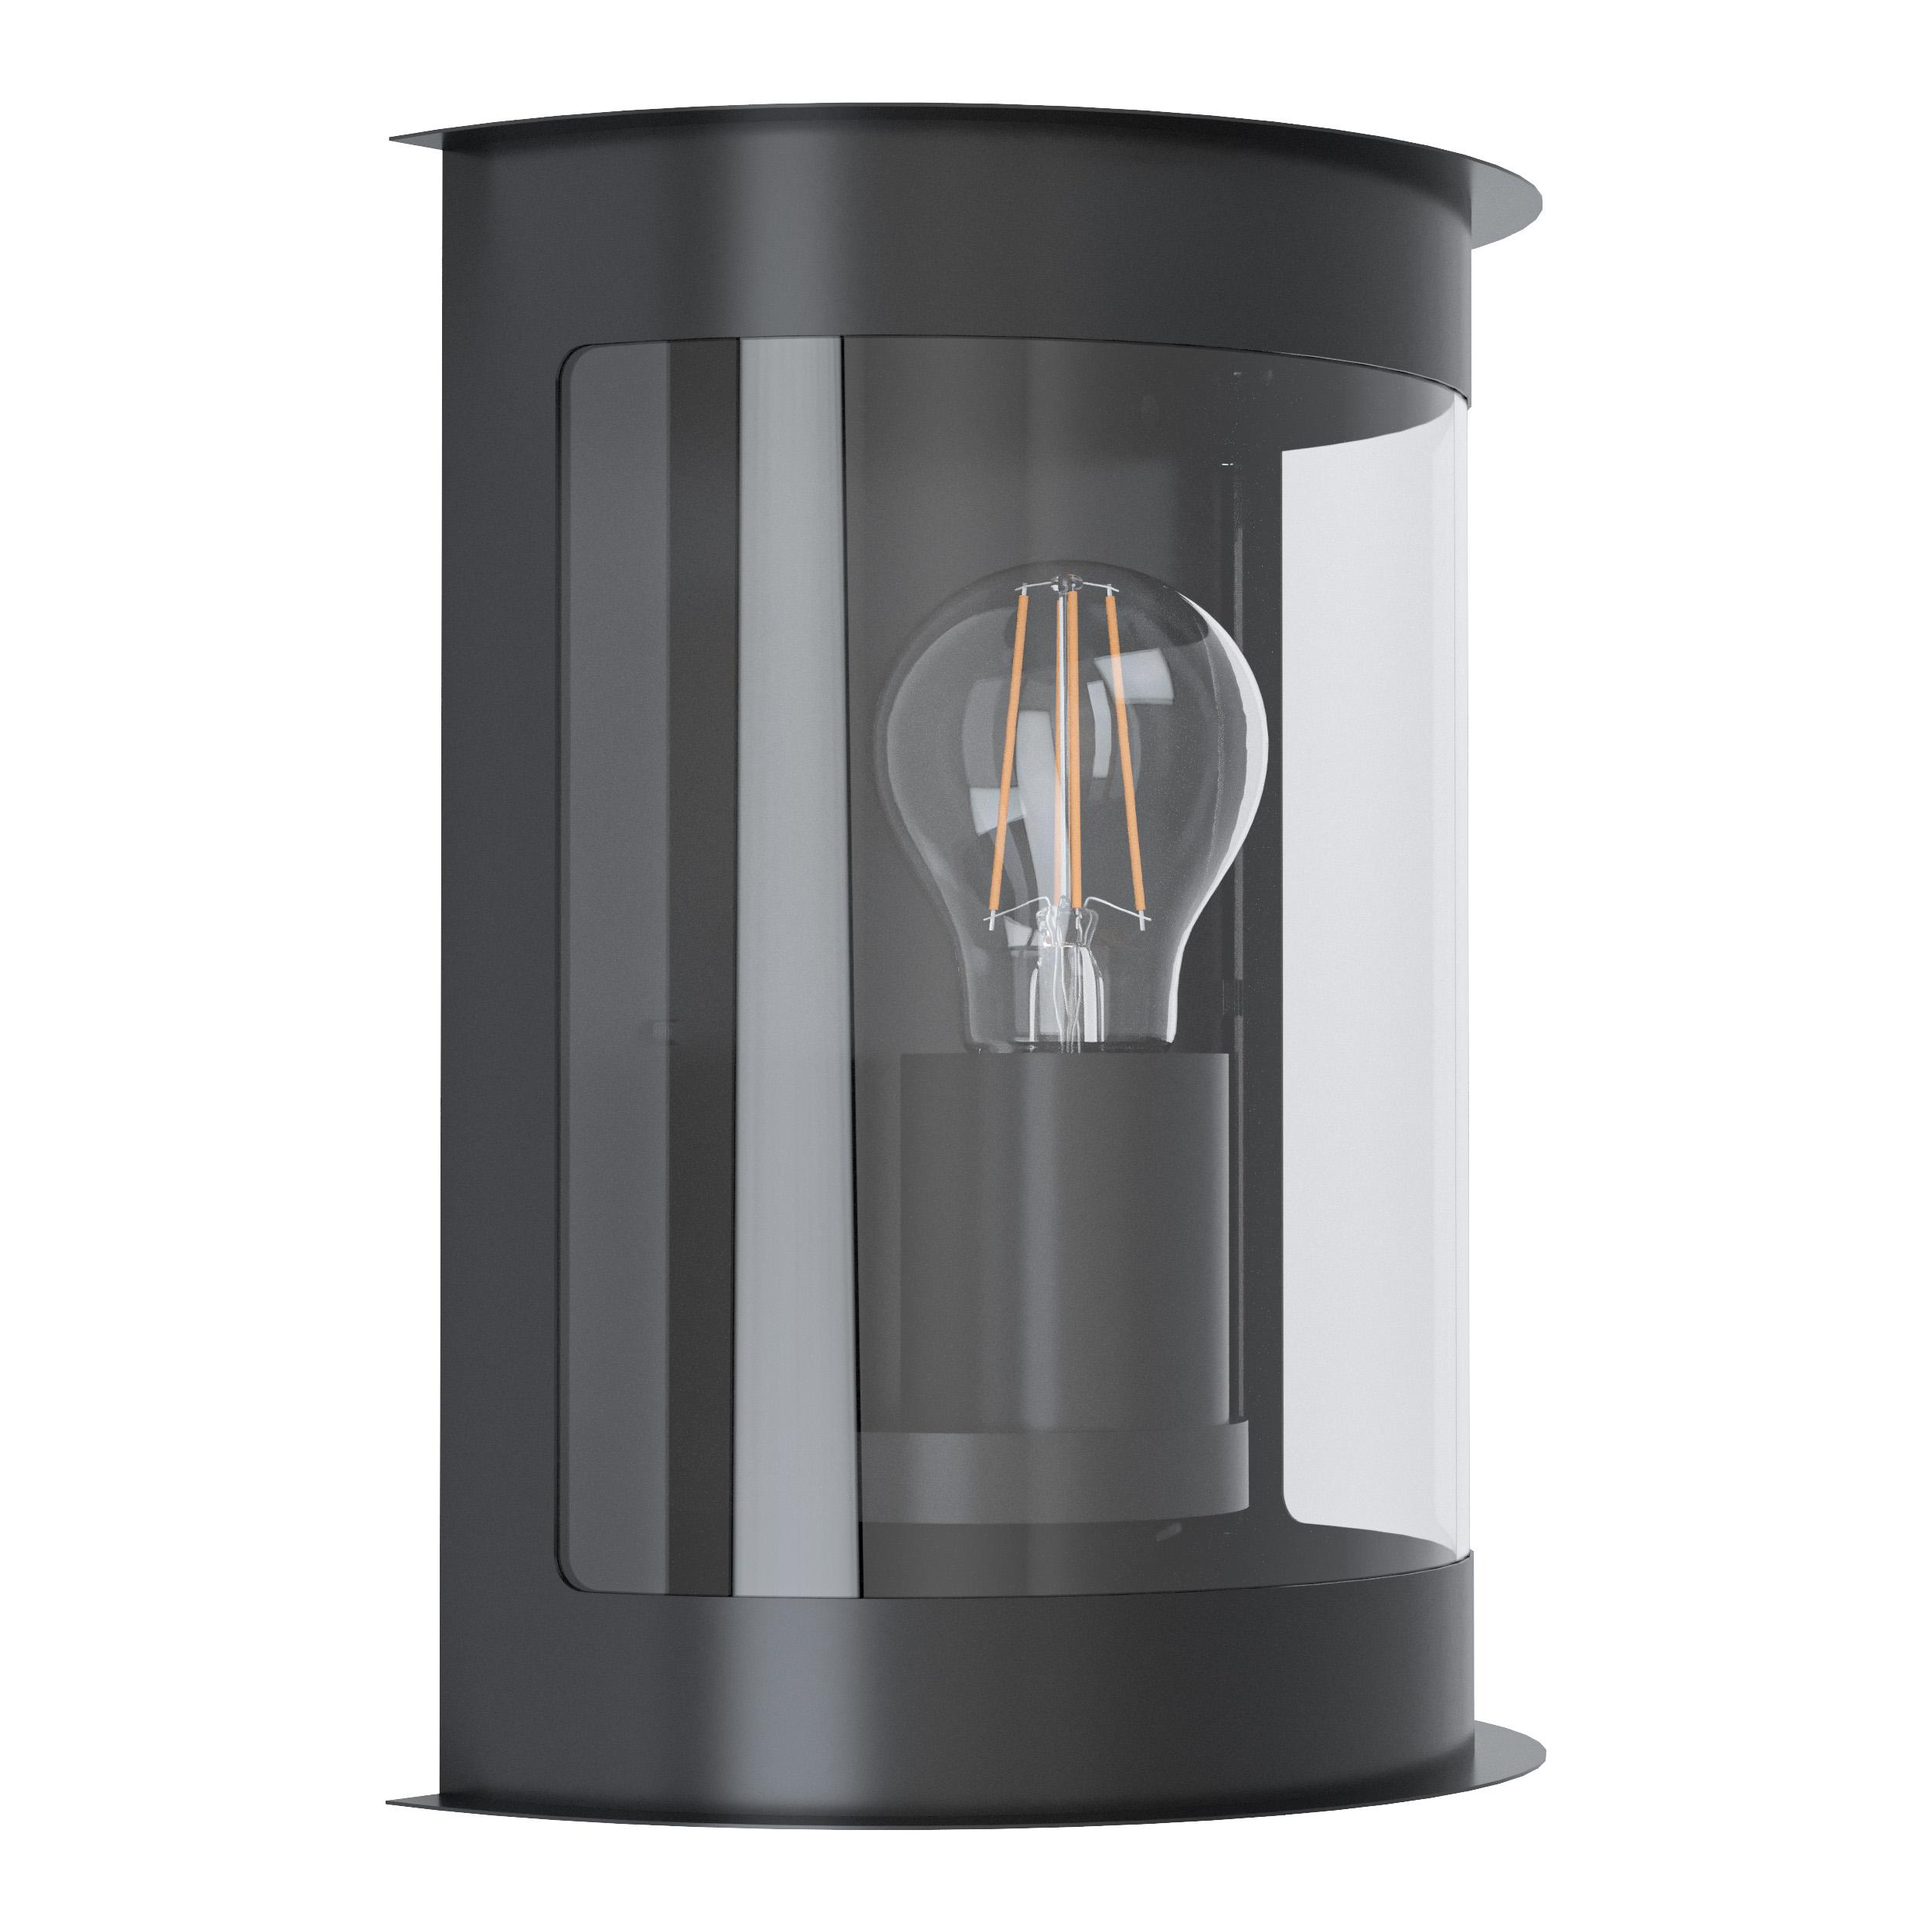 Wandlamp daril 1 verzinkt zwart/helder E27 60W